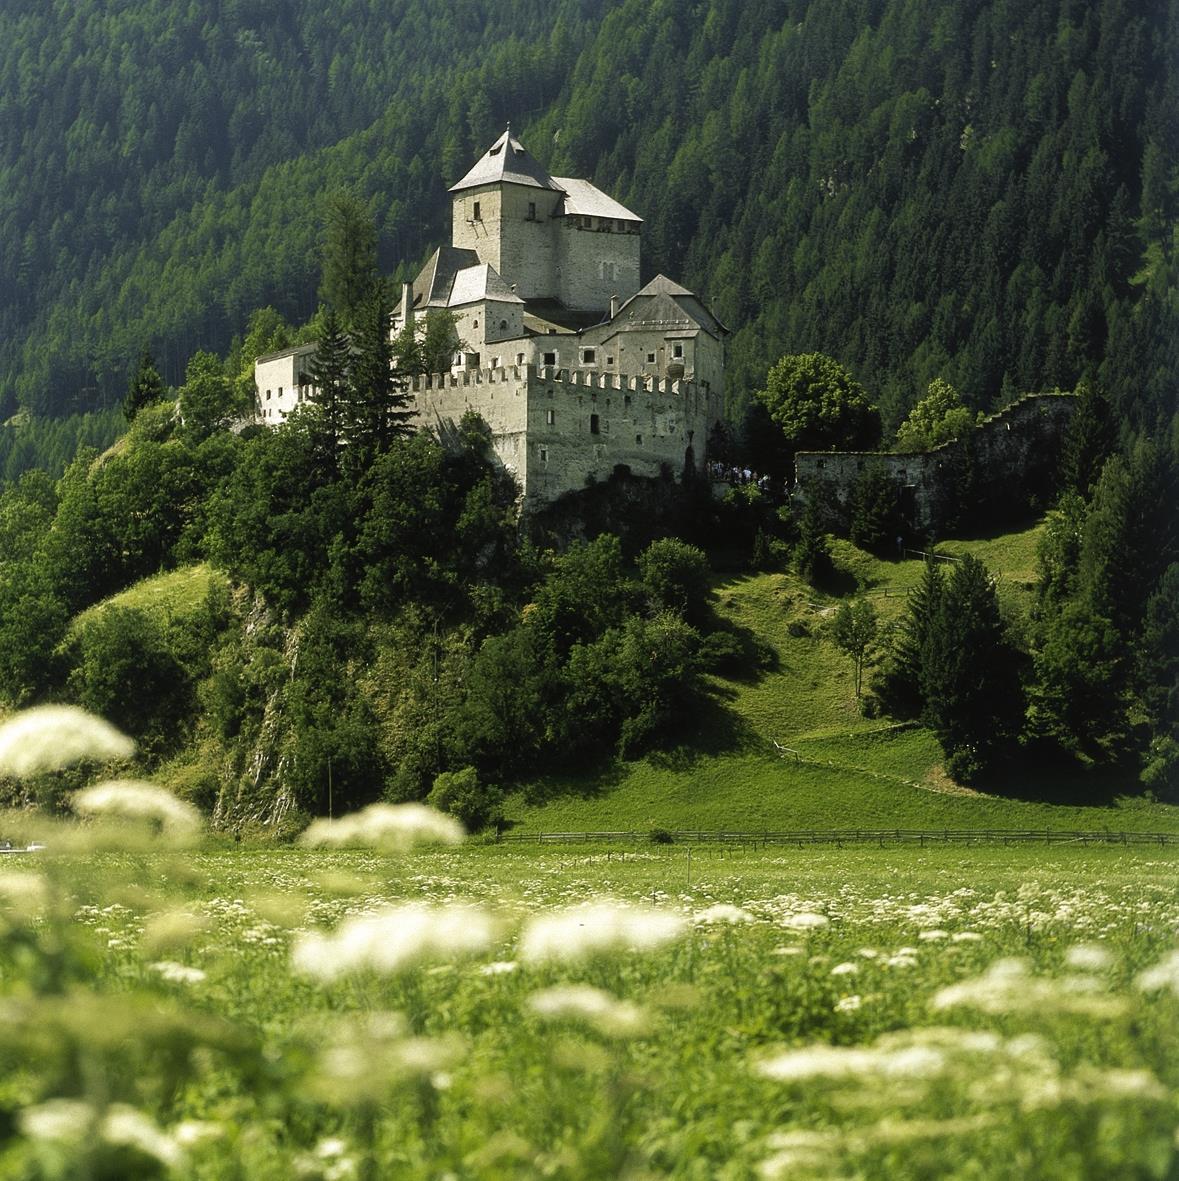 Burg Reifenstein